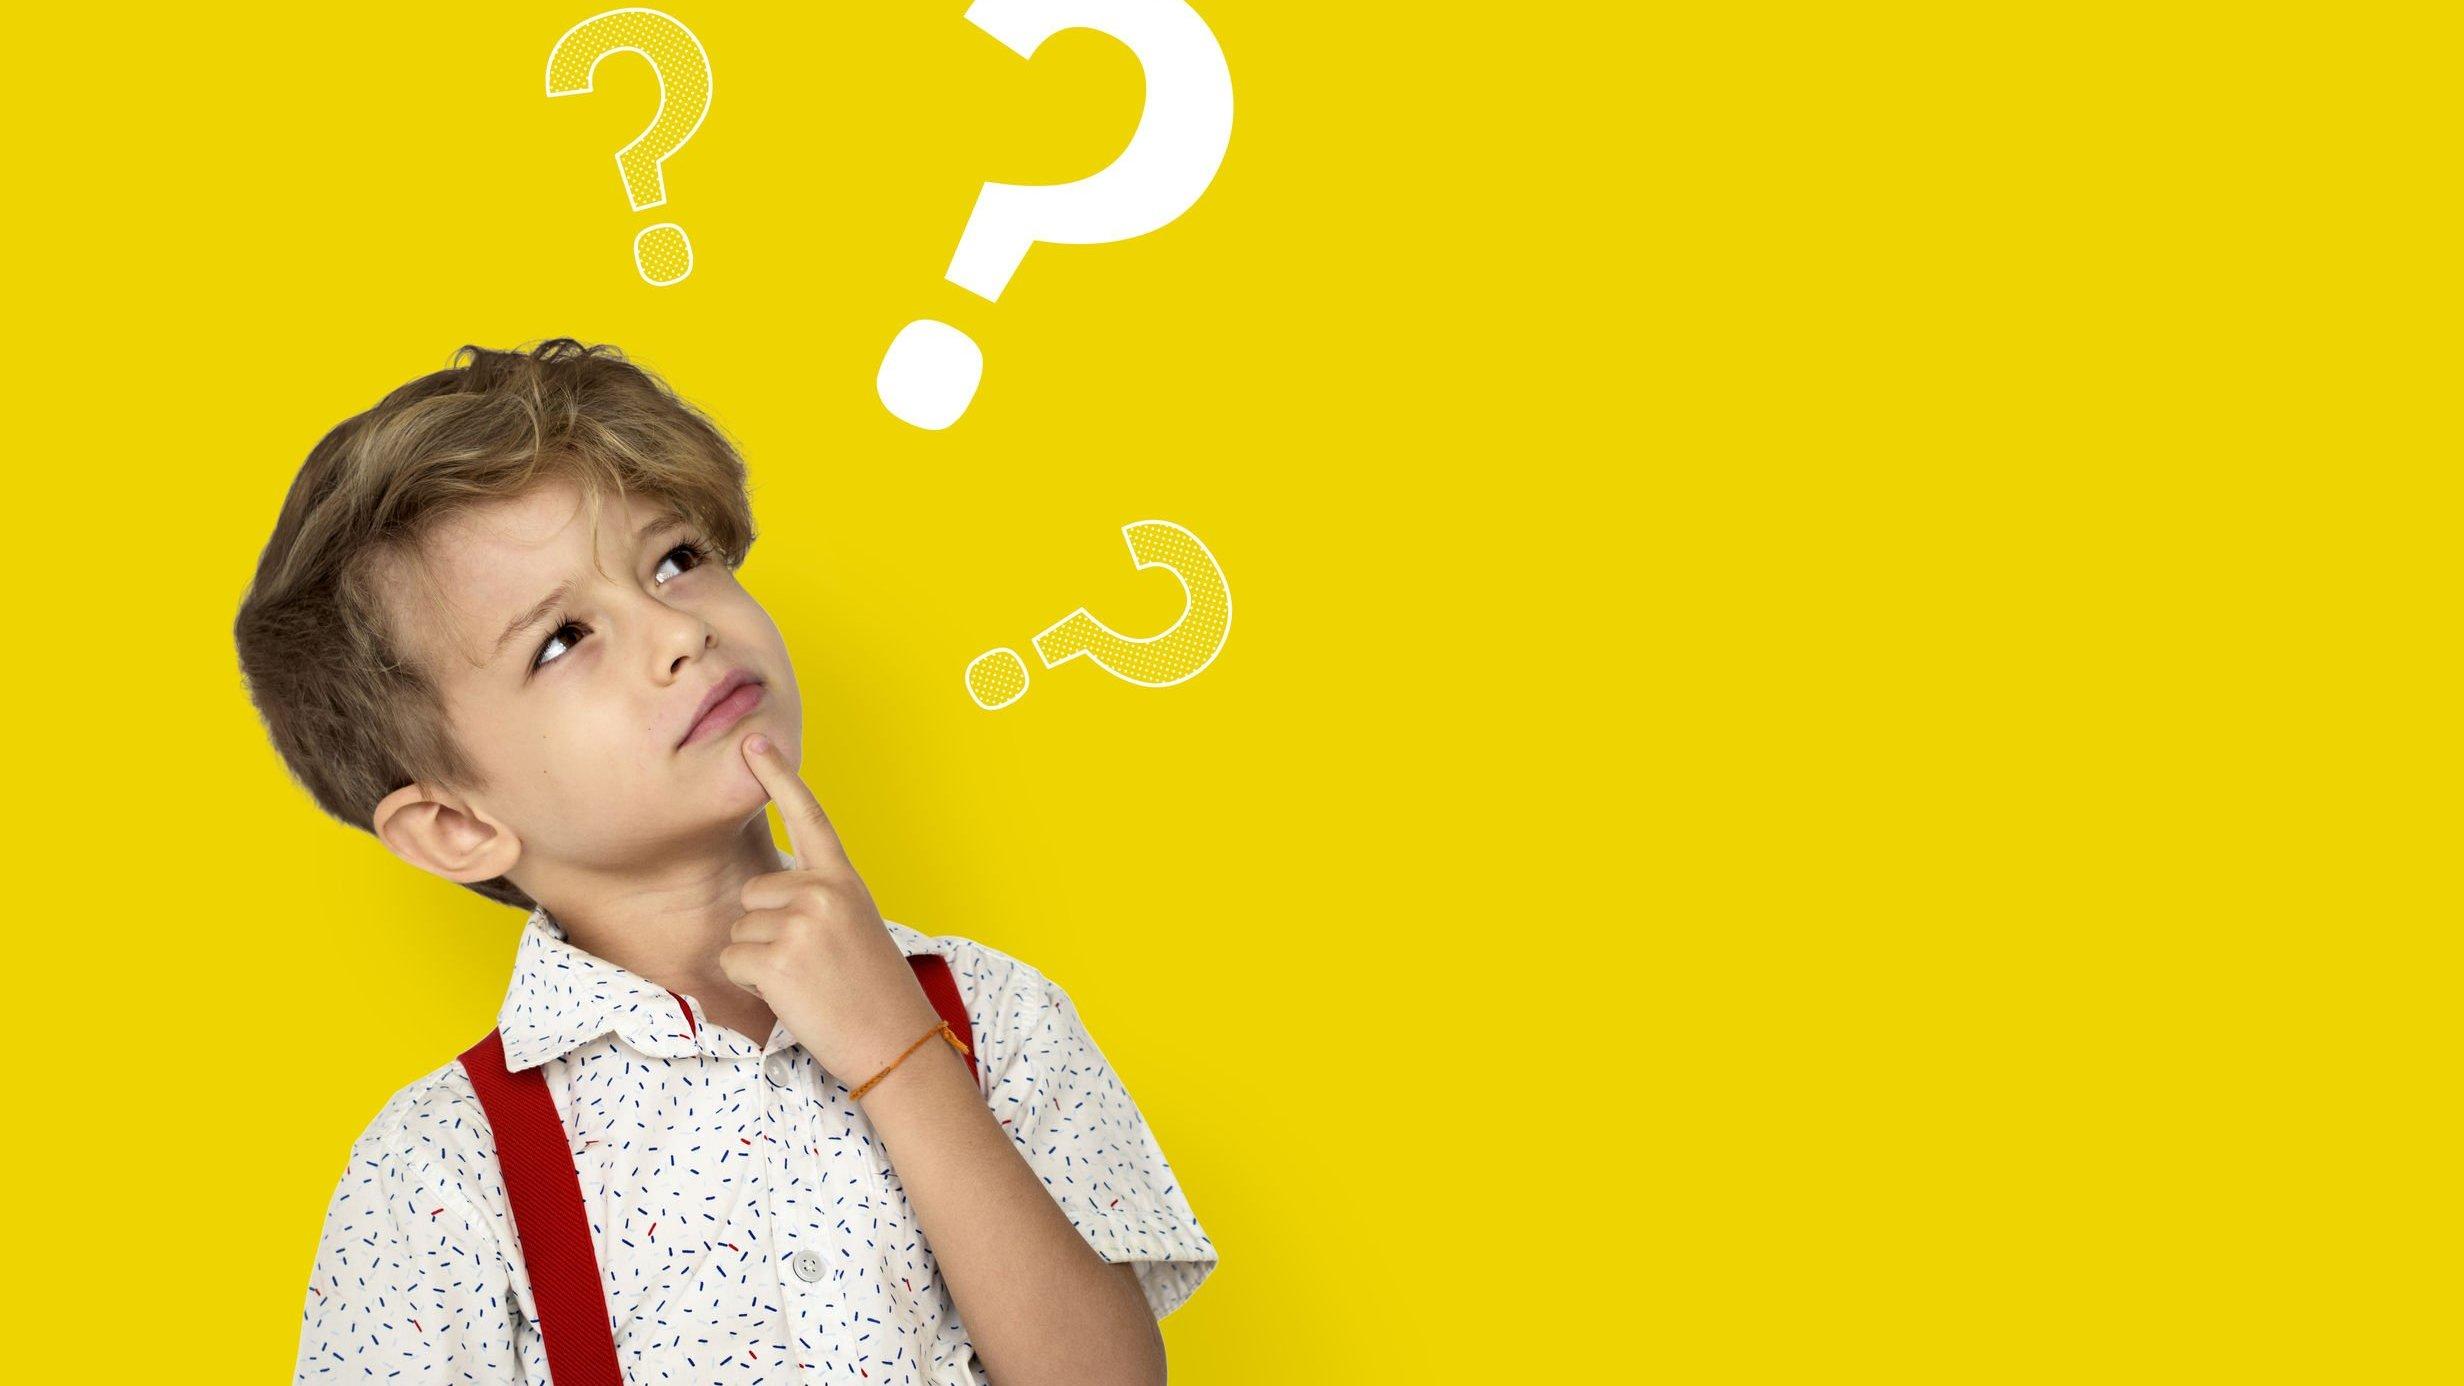 Criança com expressão pensativa e a mão sobre o queixo